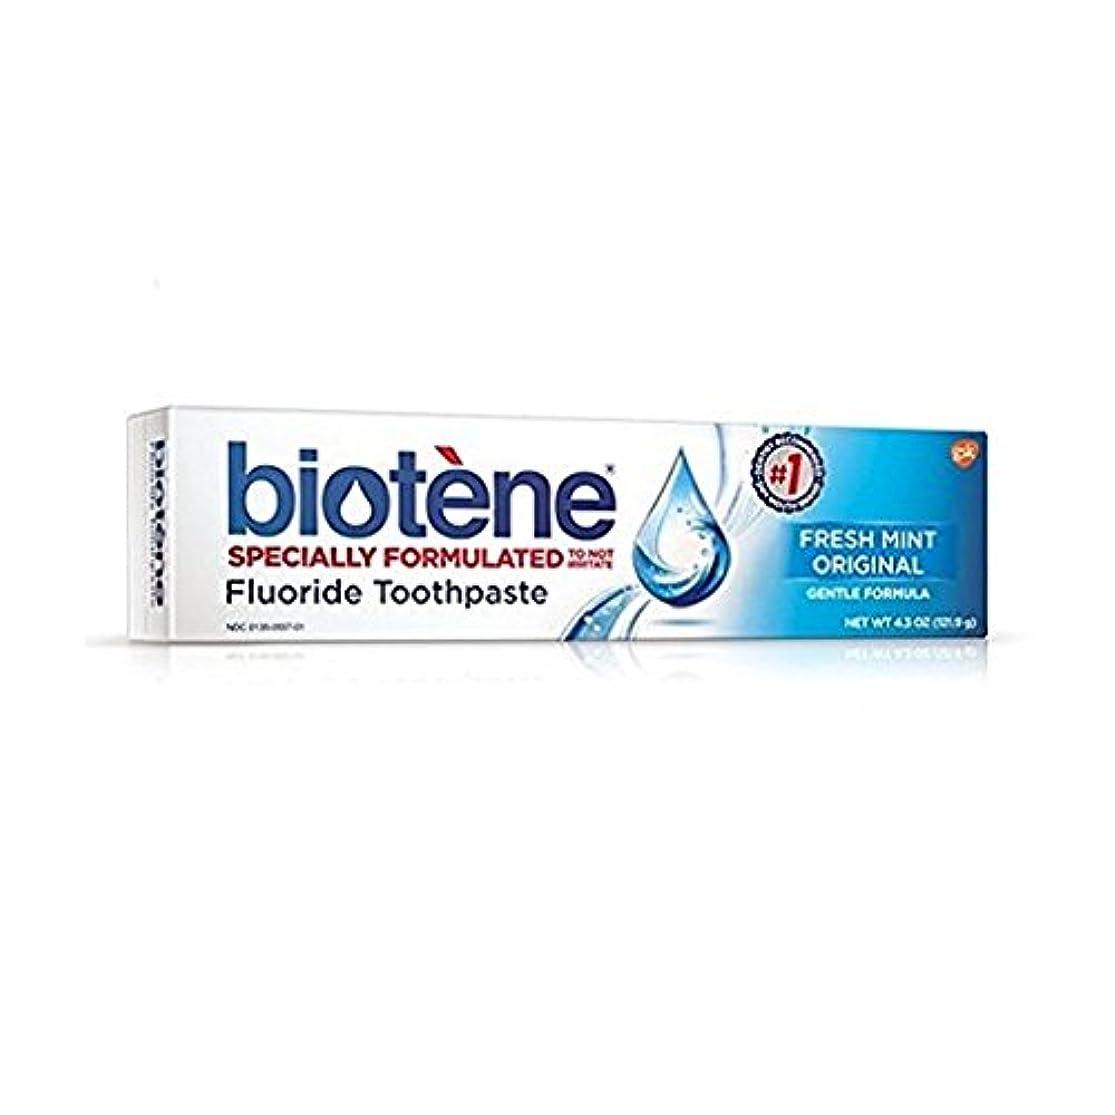 柔らかい足ホイール女王Biotene Dry Mouth Fluoride Toothpaste Fresh Mint Original 4.3 Oz. (2 Pack) by Biotene